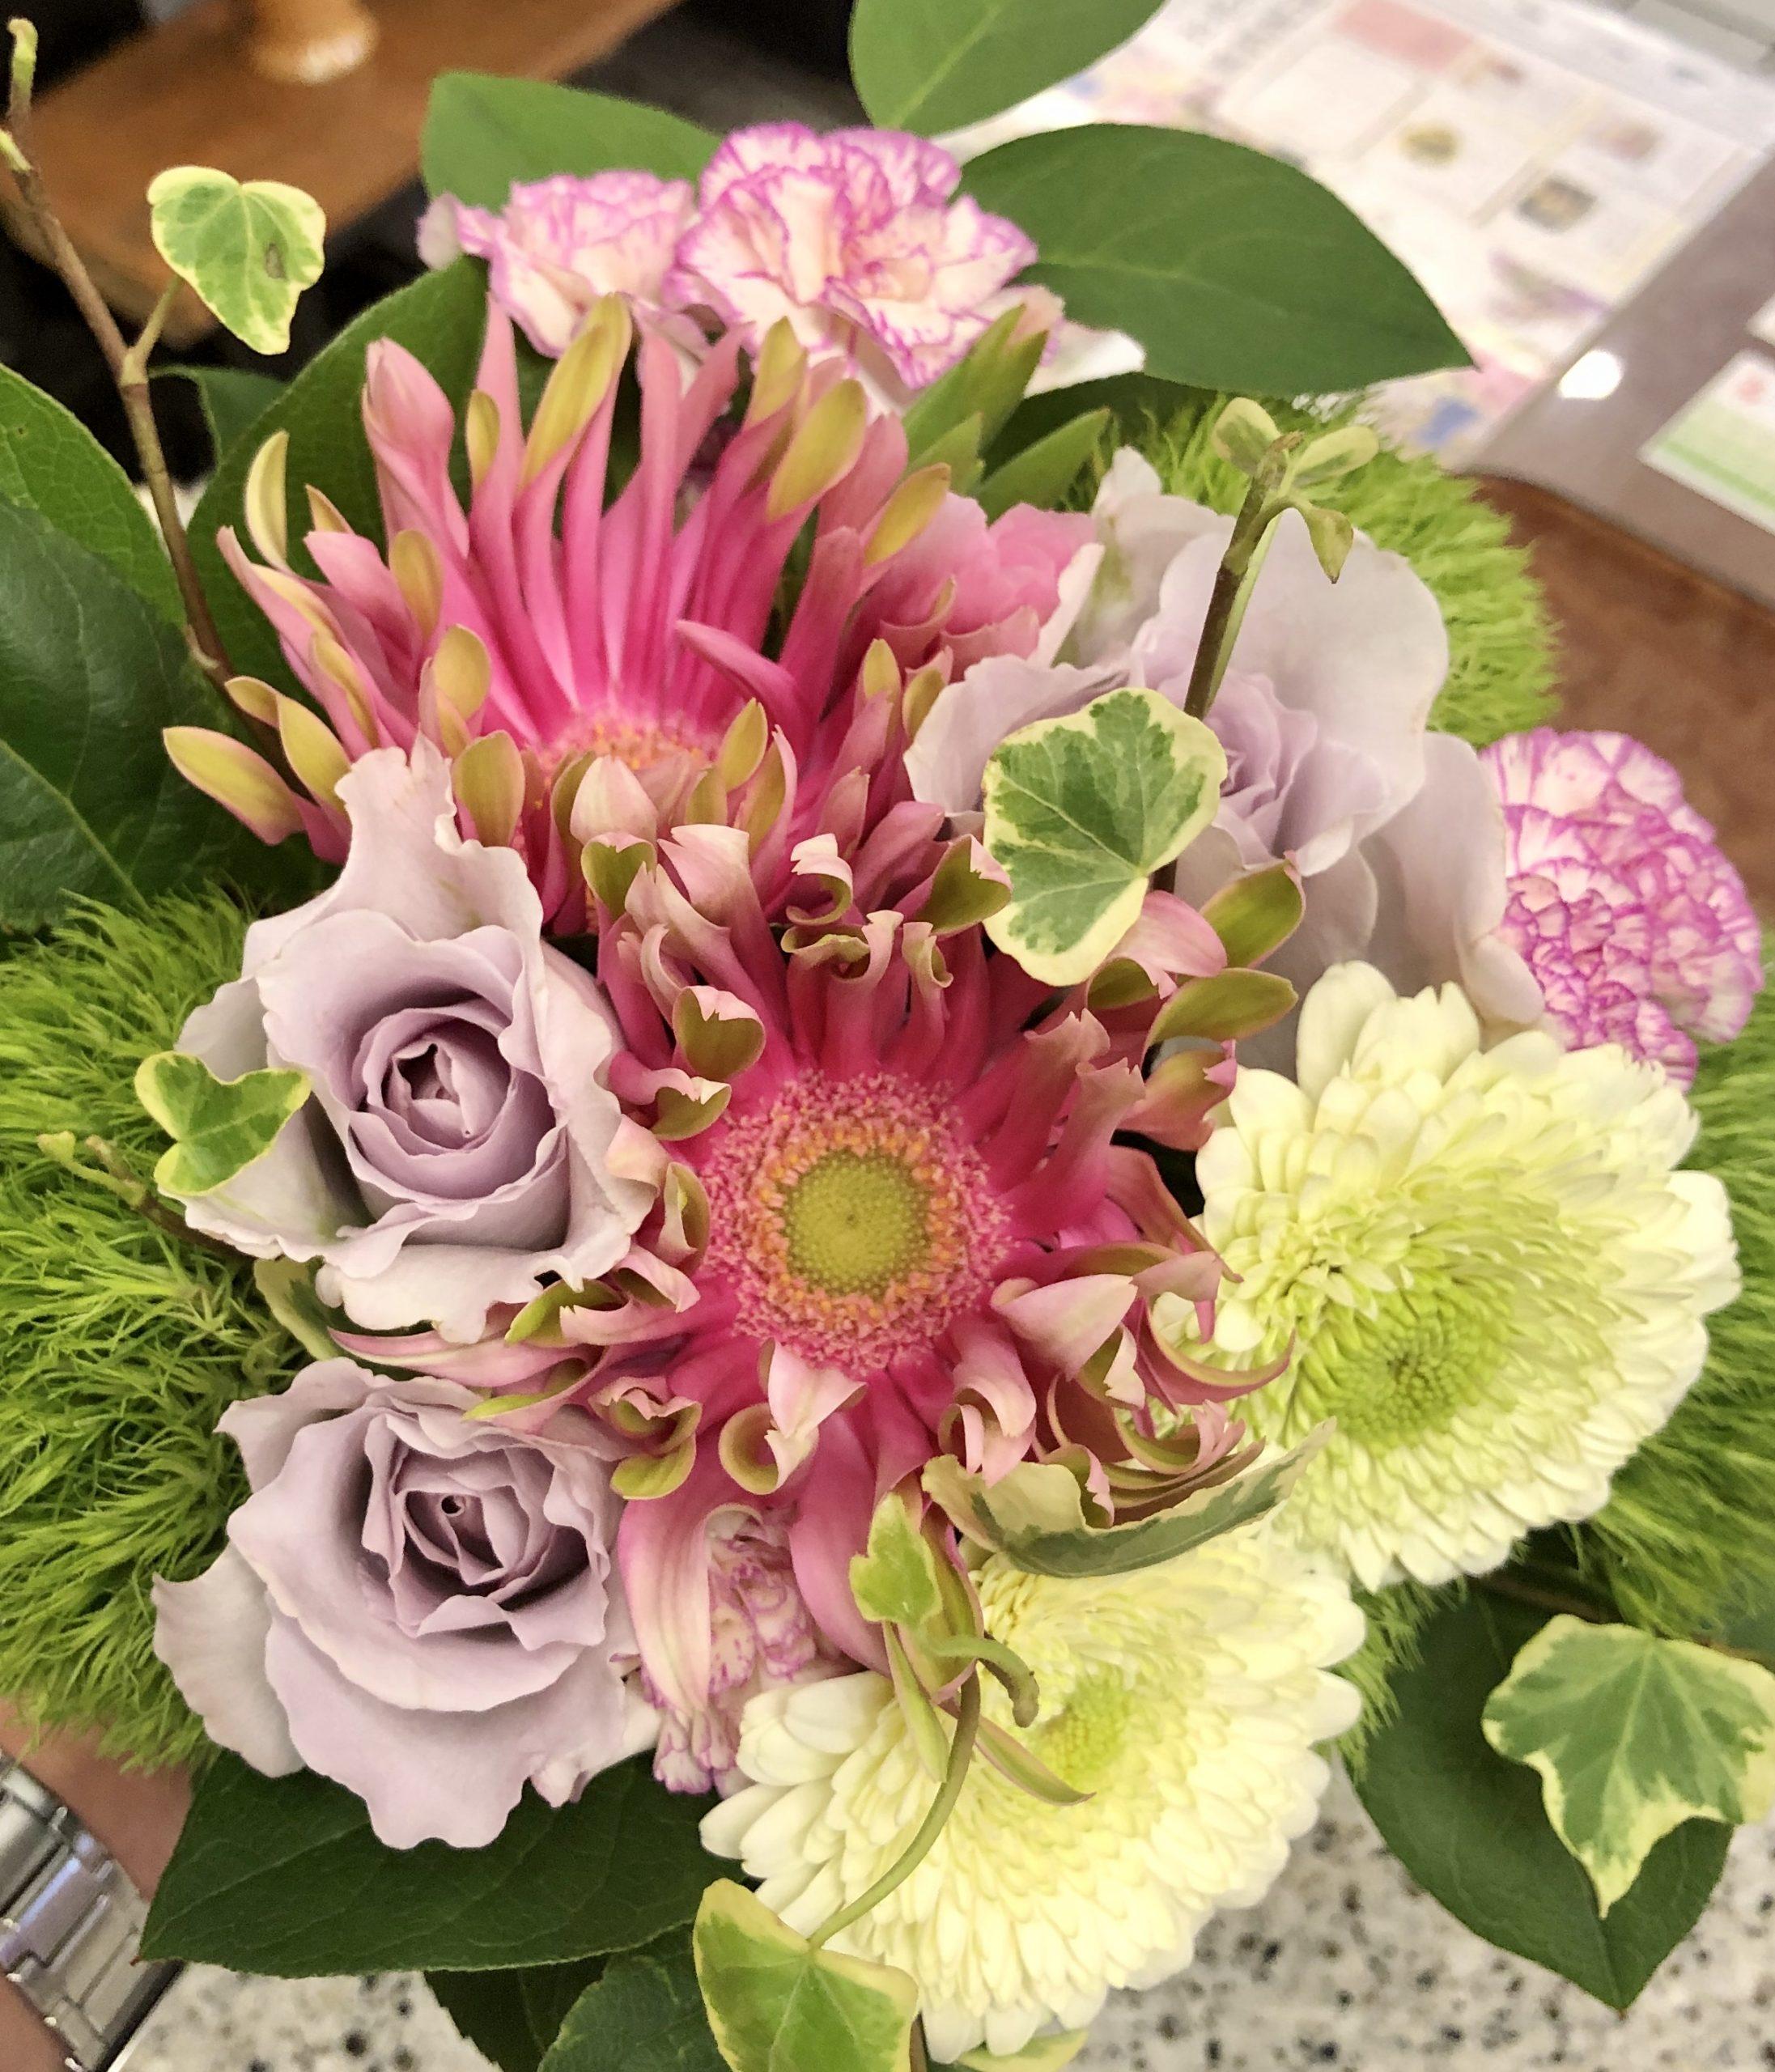 横浜市南区へ花束を即日当日配達させていただきました。【横浜花屋の花束・スタンド花・胡蝶蘭・バルーン・アレンジメント配達事例656】